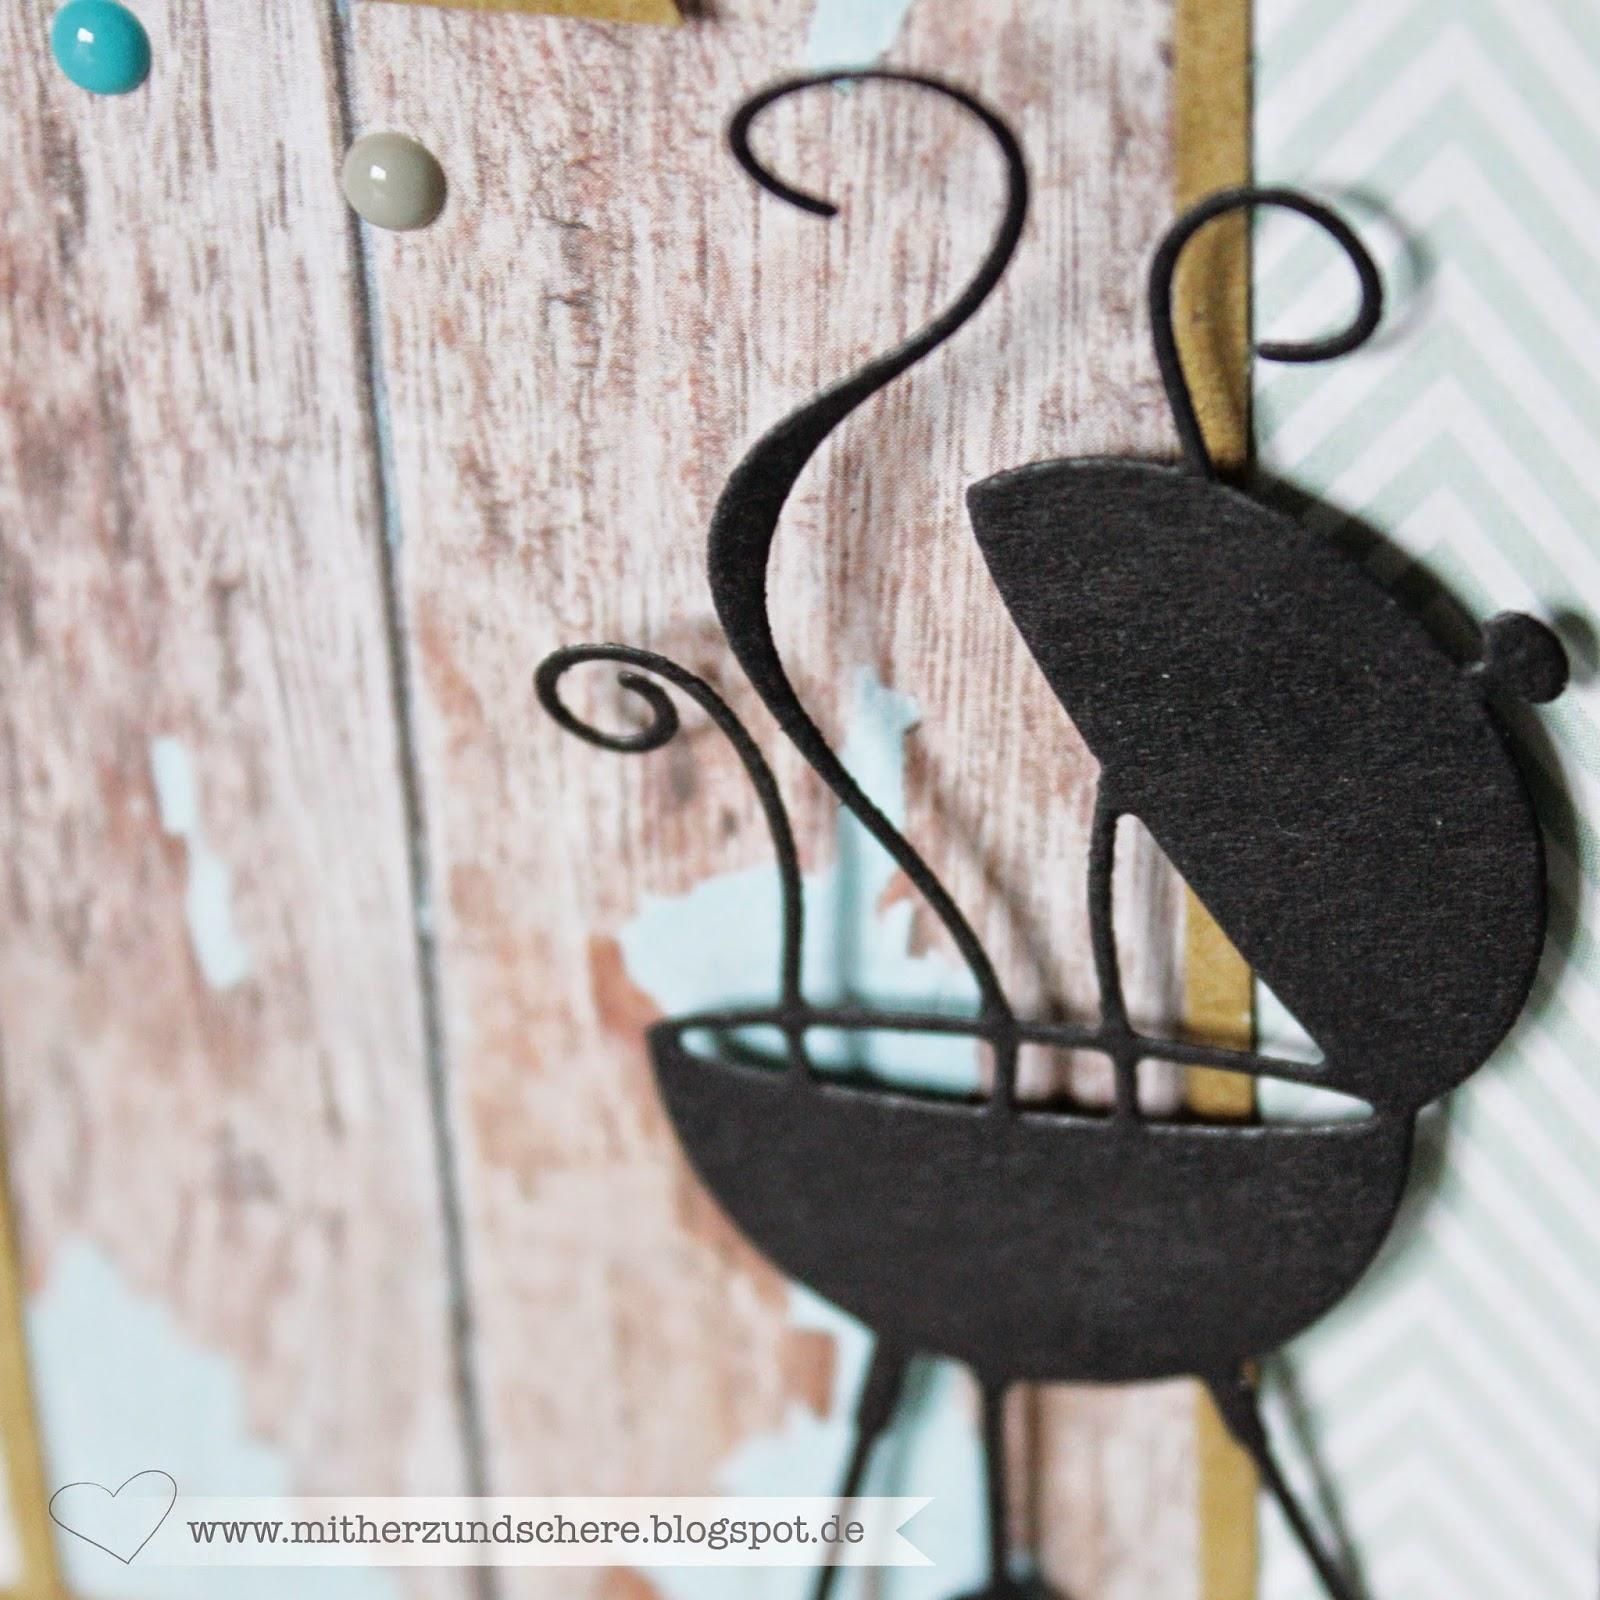 mit herz und schere grill royal. Black Bedroom Furniture Sets. Home Design Ideas